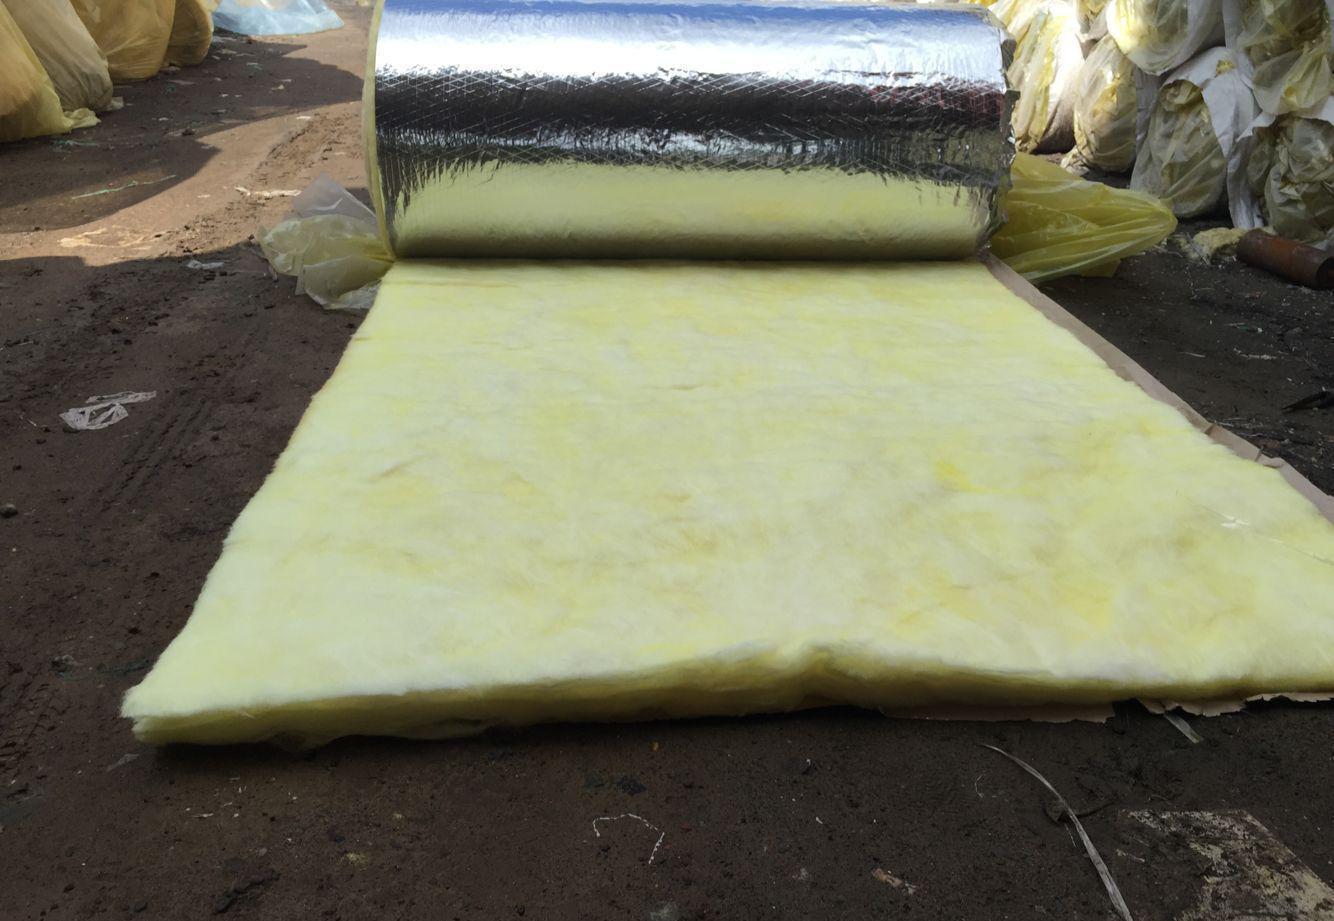 厂家直销玻璃棉毡 管道钢结构隔热用保温棉 保温建材材料卷毡 厂家直销吸音玻璃棉卷毡